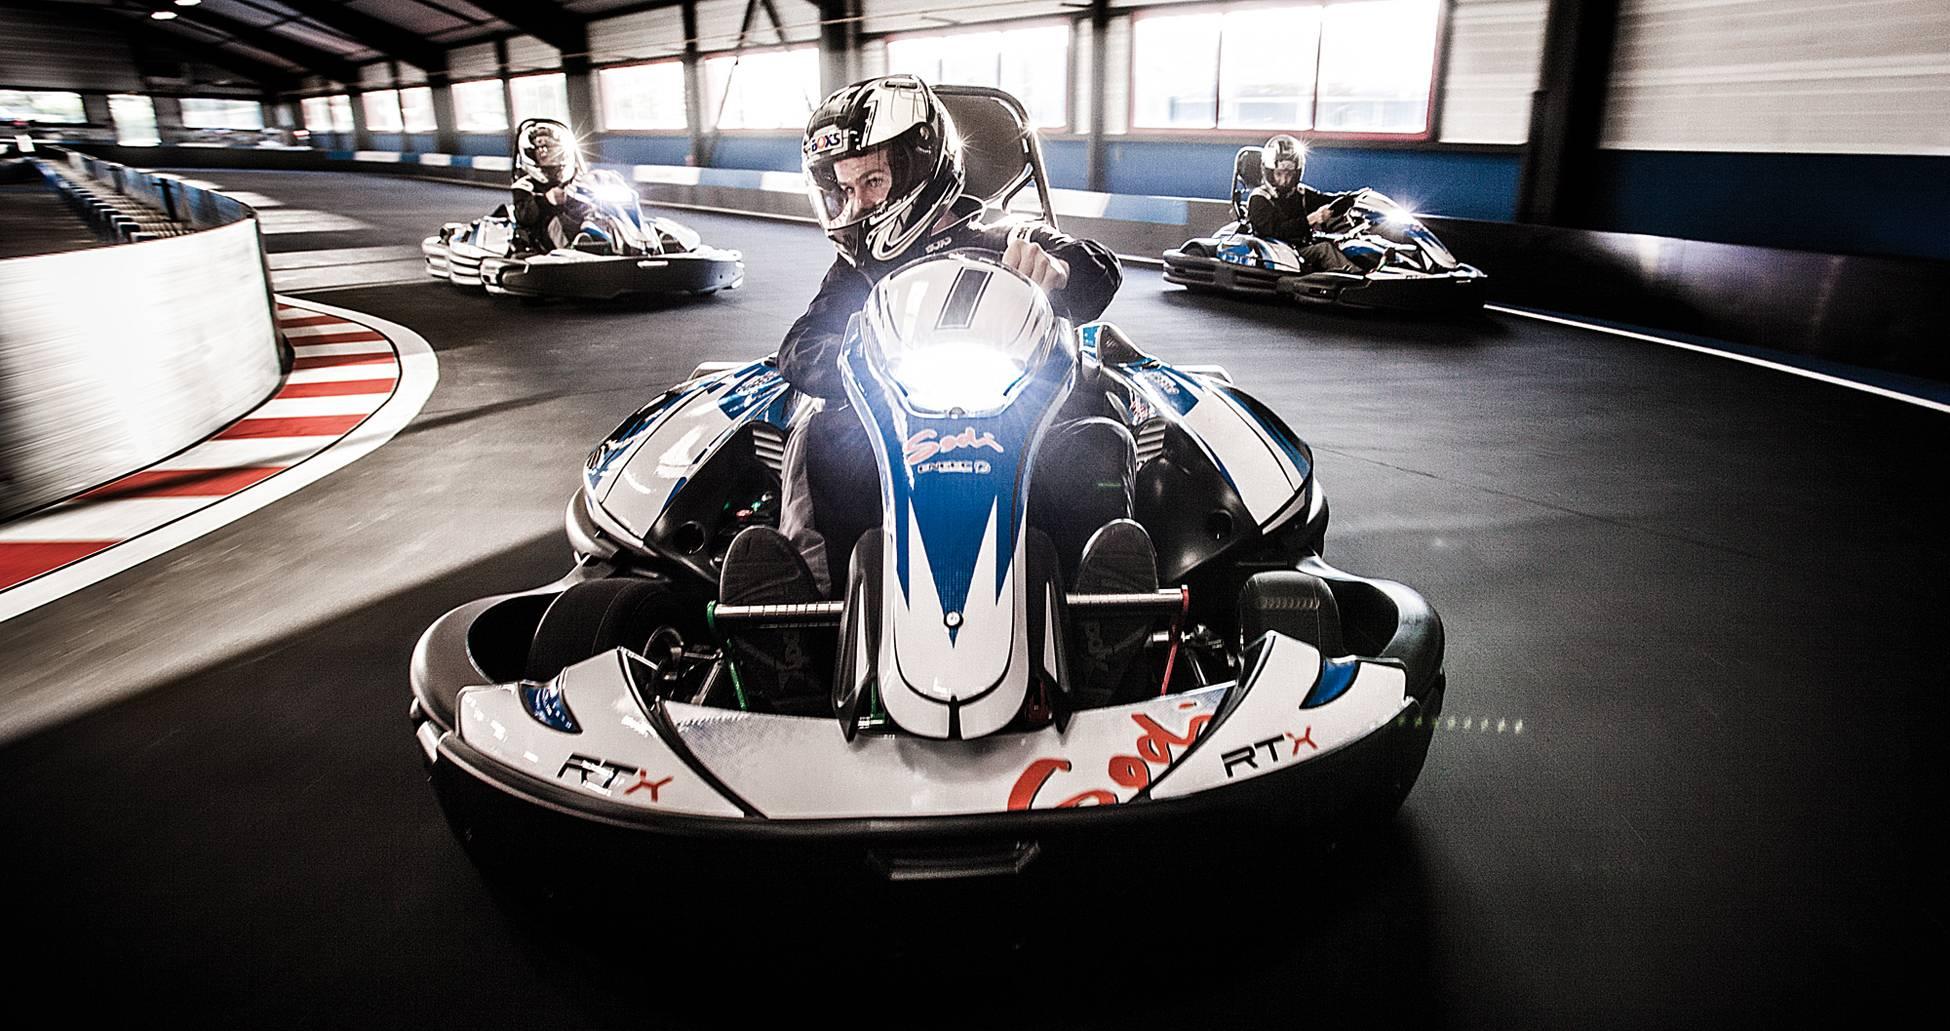 grand prix karting pour evg à lyon